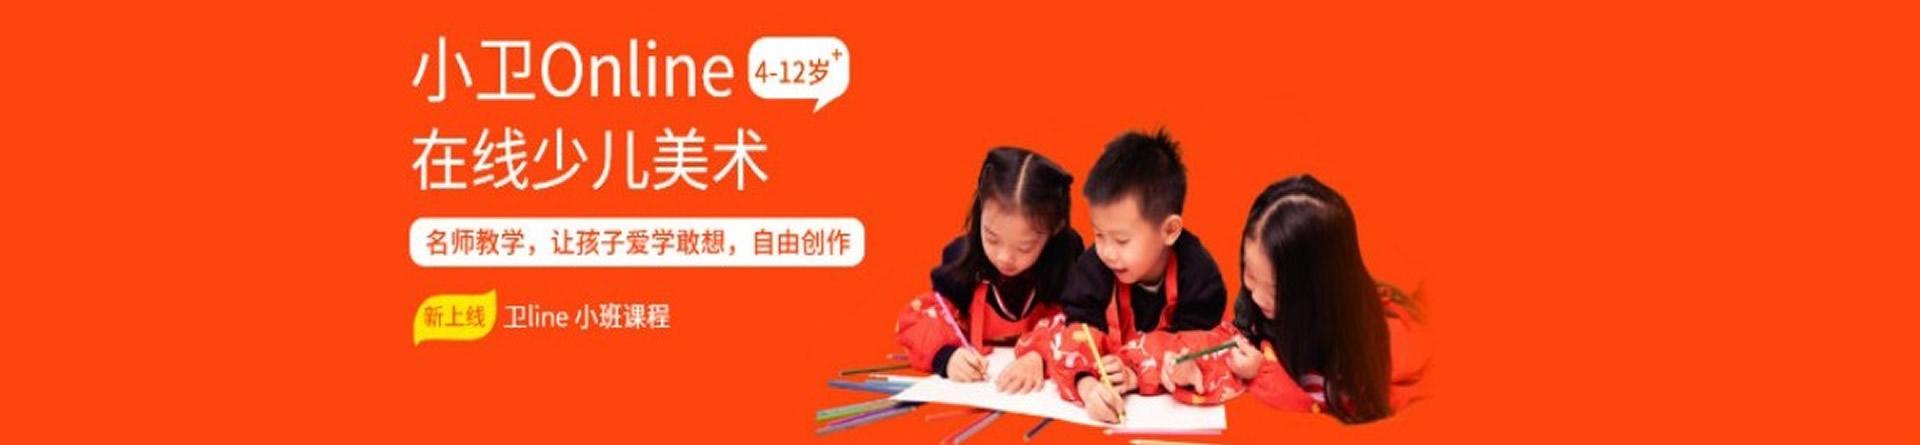 郑州小卫在线少儿美术教育